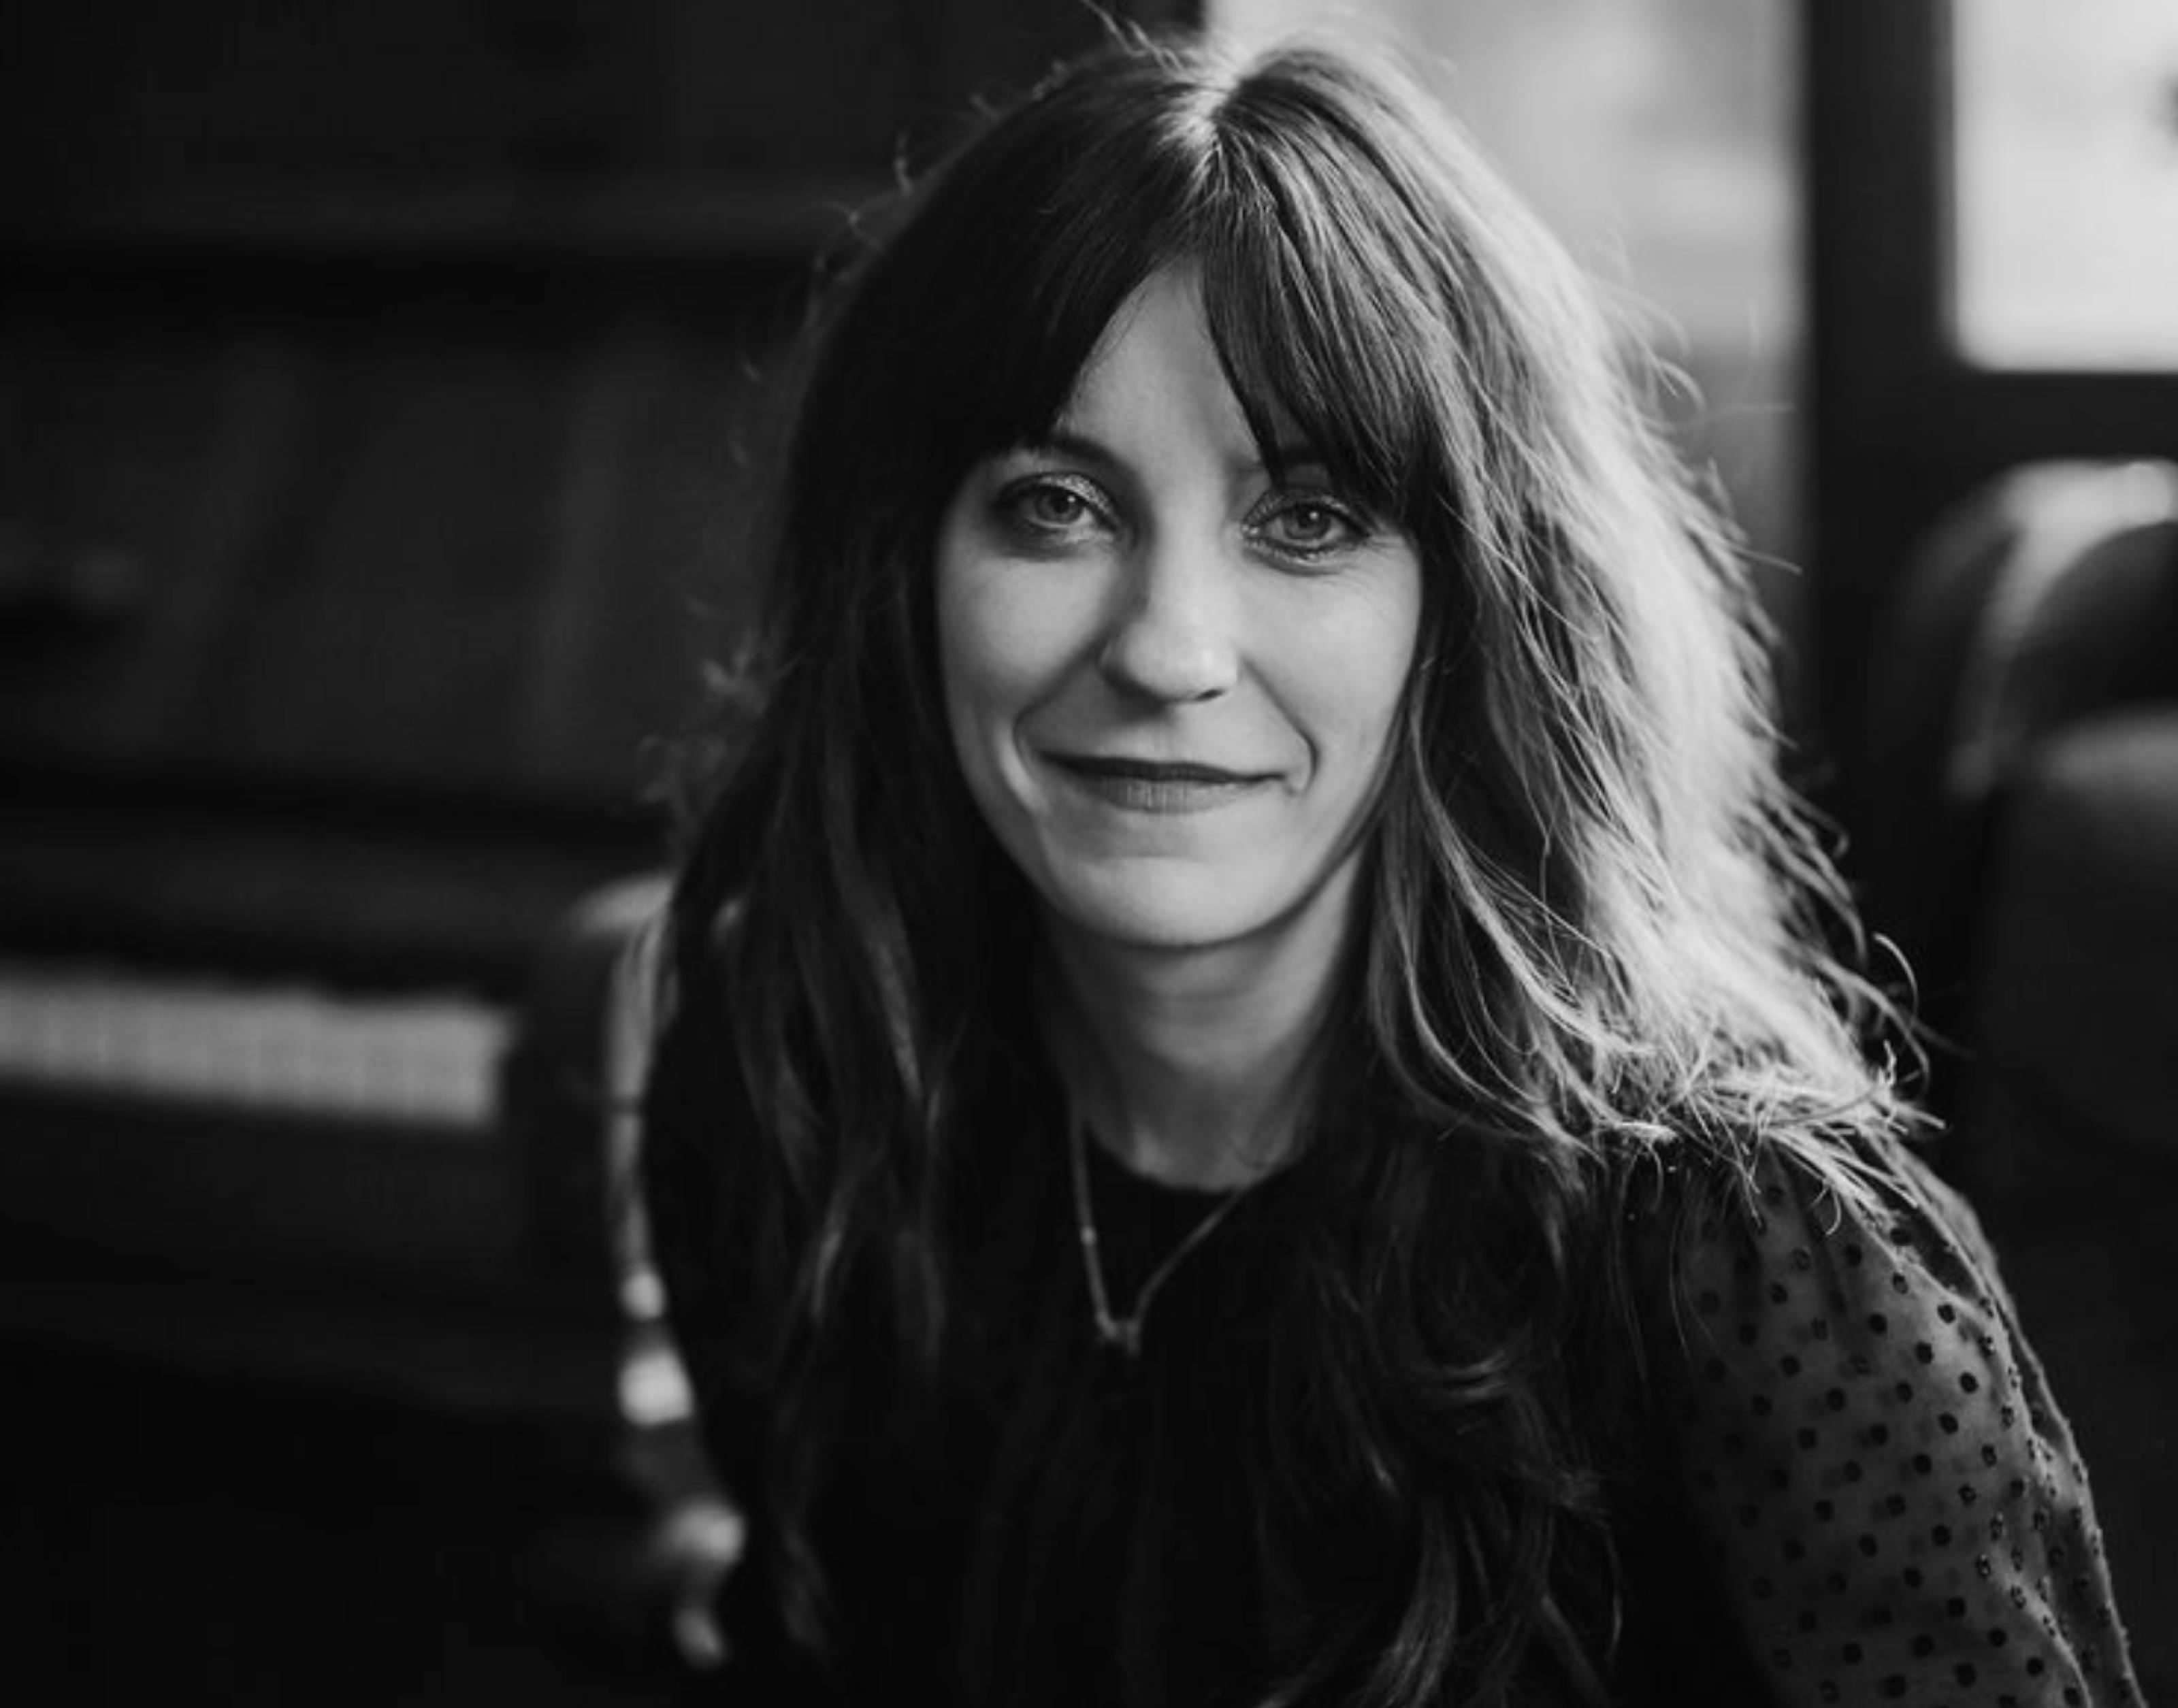 Clare Sarah Goodridge